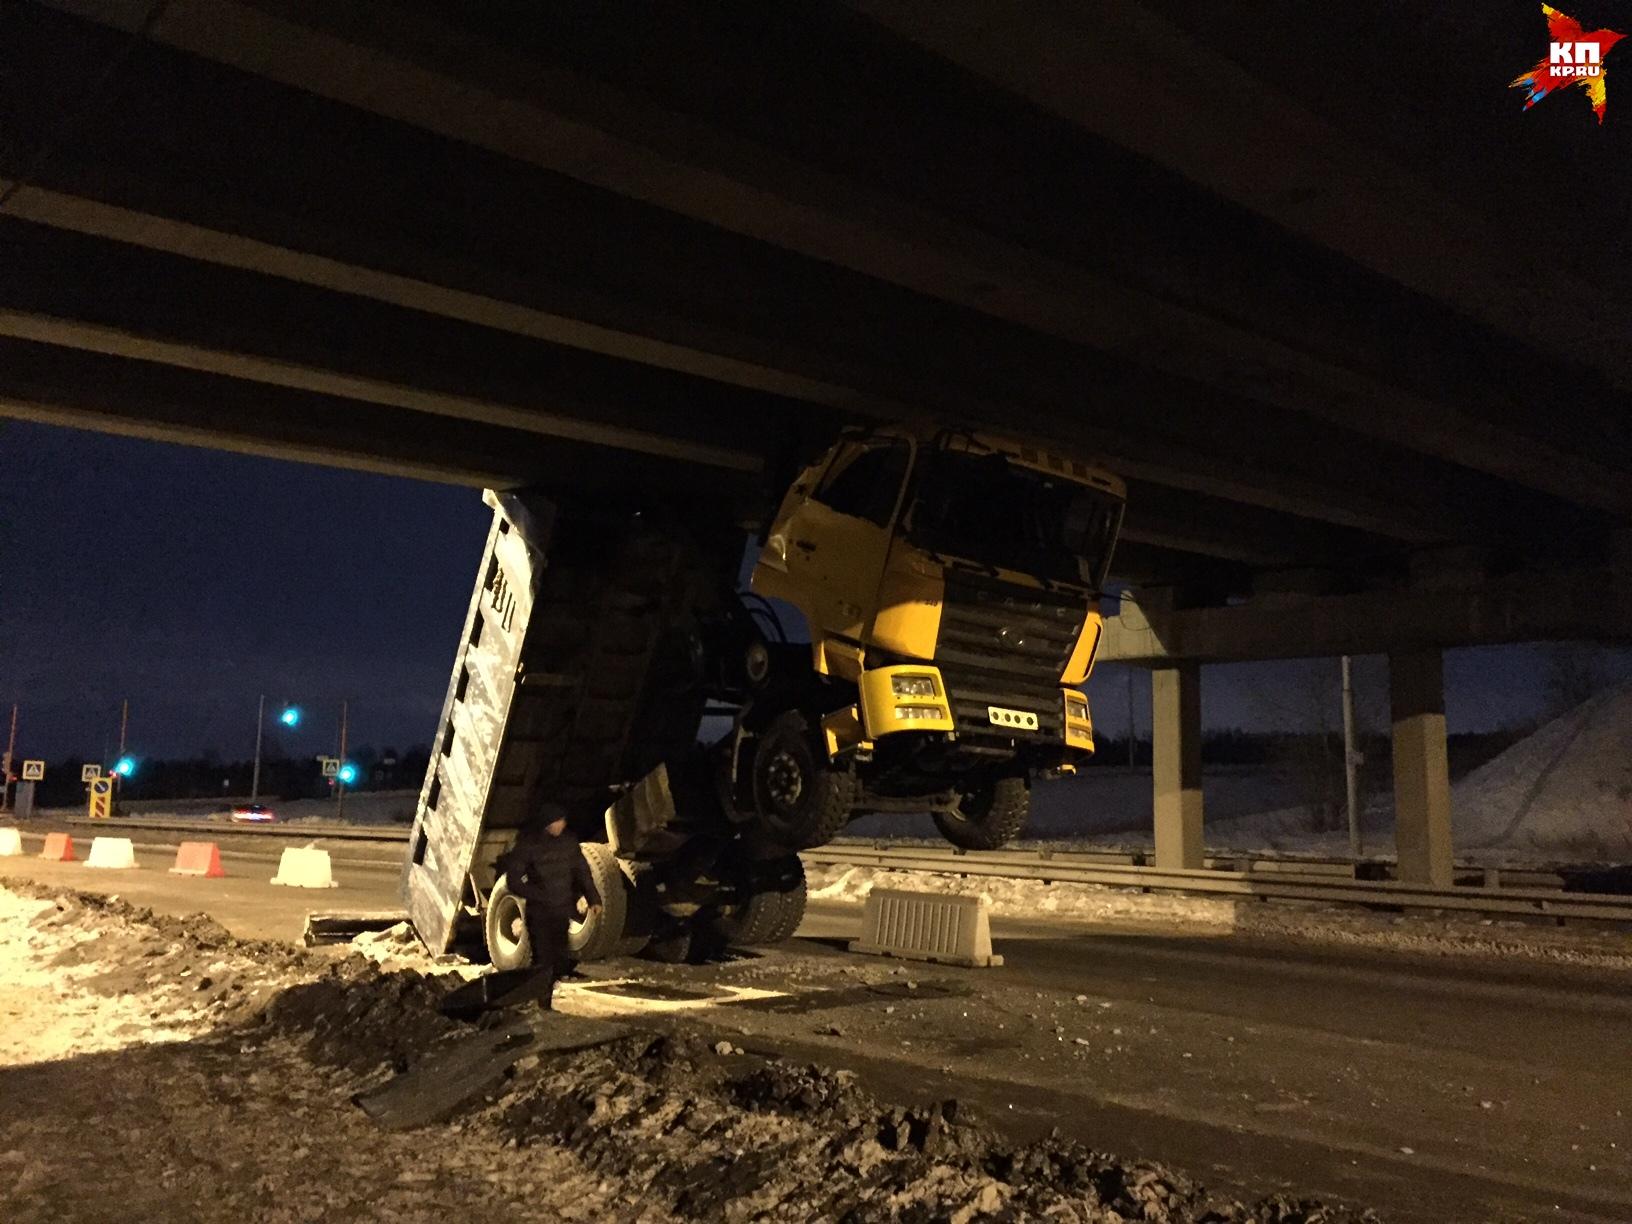 ВКрасноярске грузовик споднятым кузовом застрял под мостом